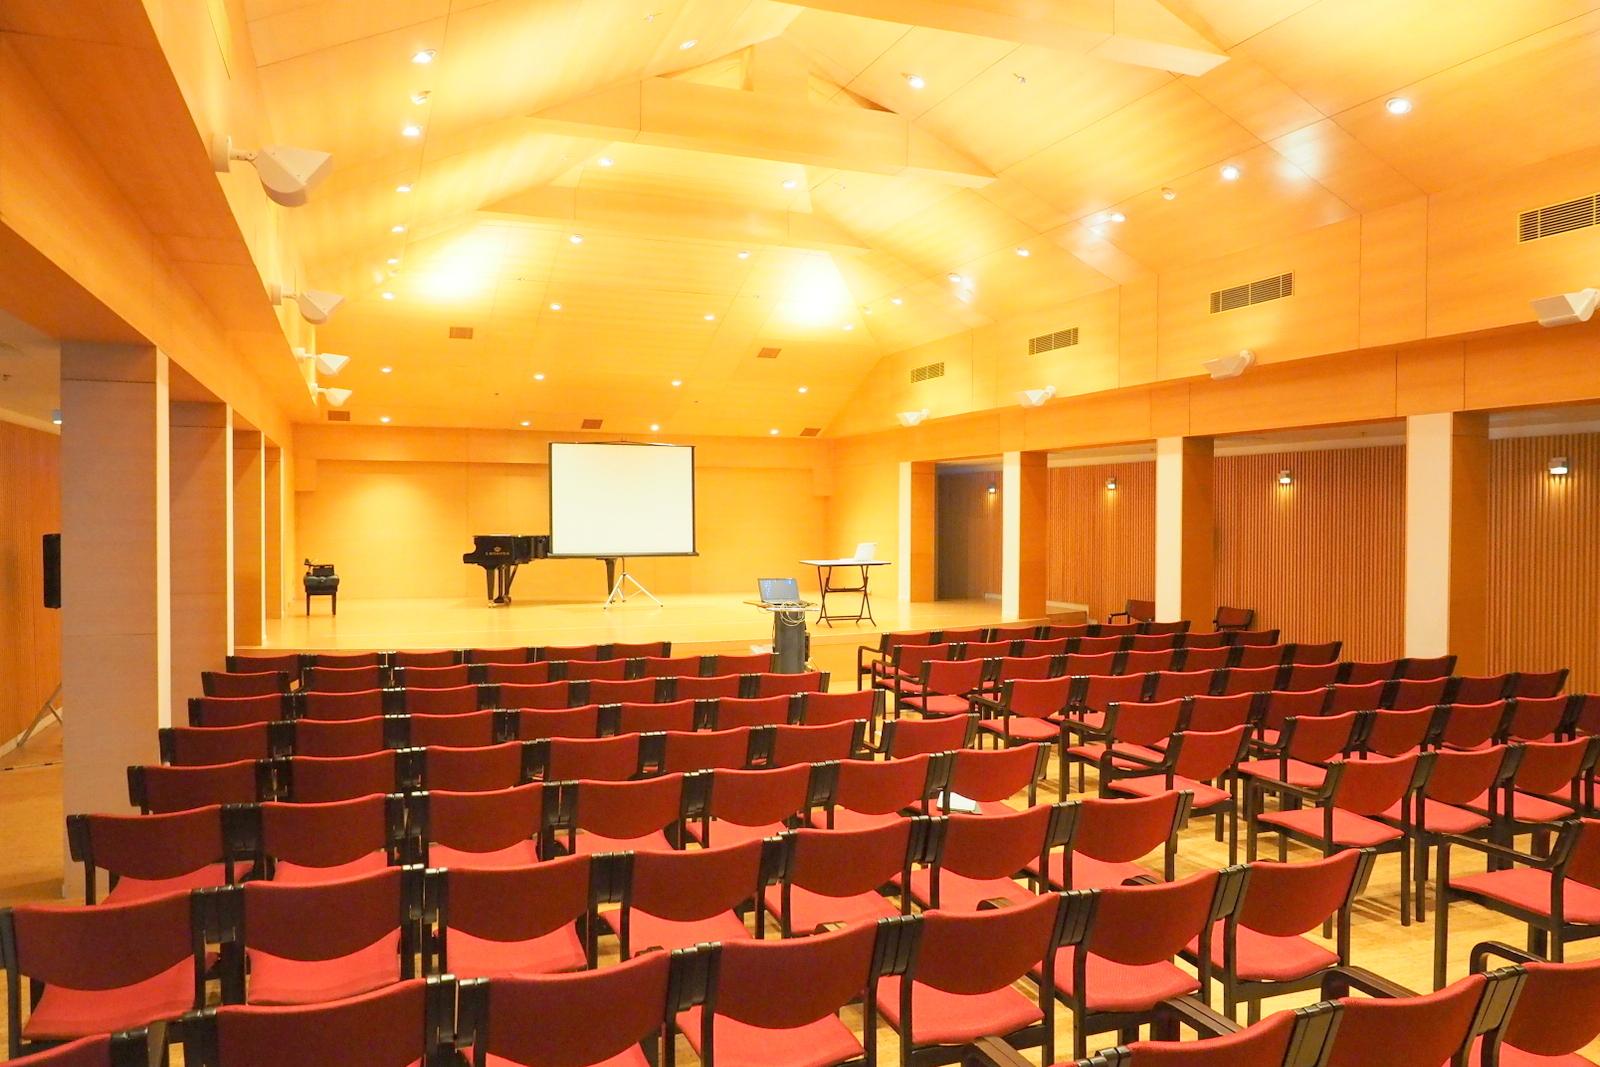 音楽や演劇、スポーツが有名 『Shrewsbury International School 』